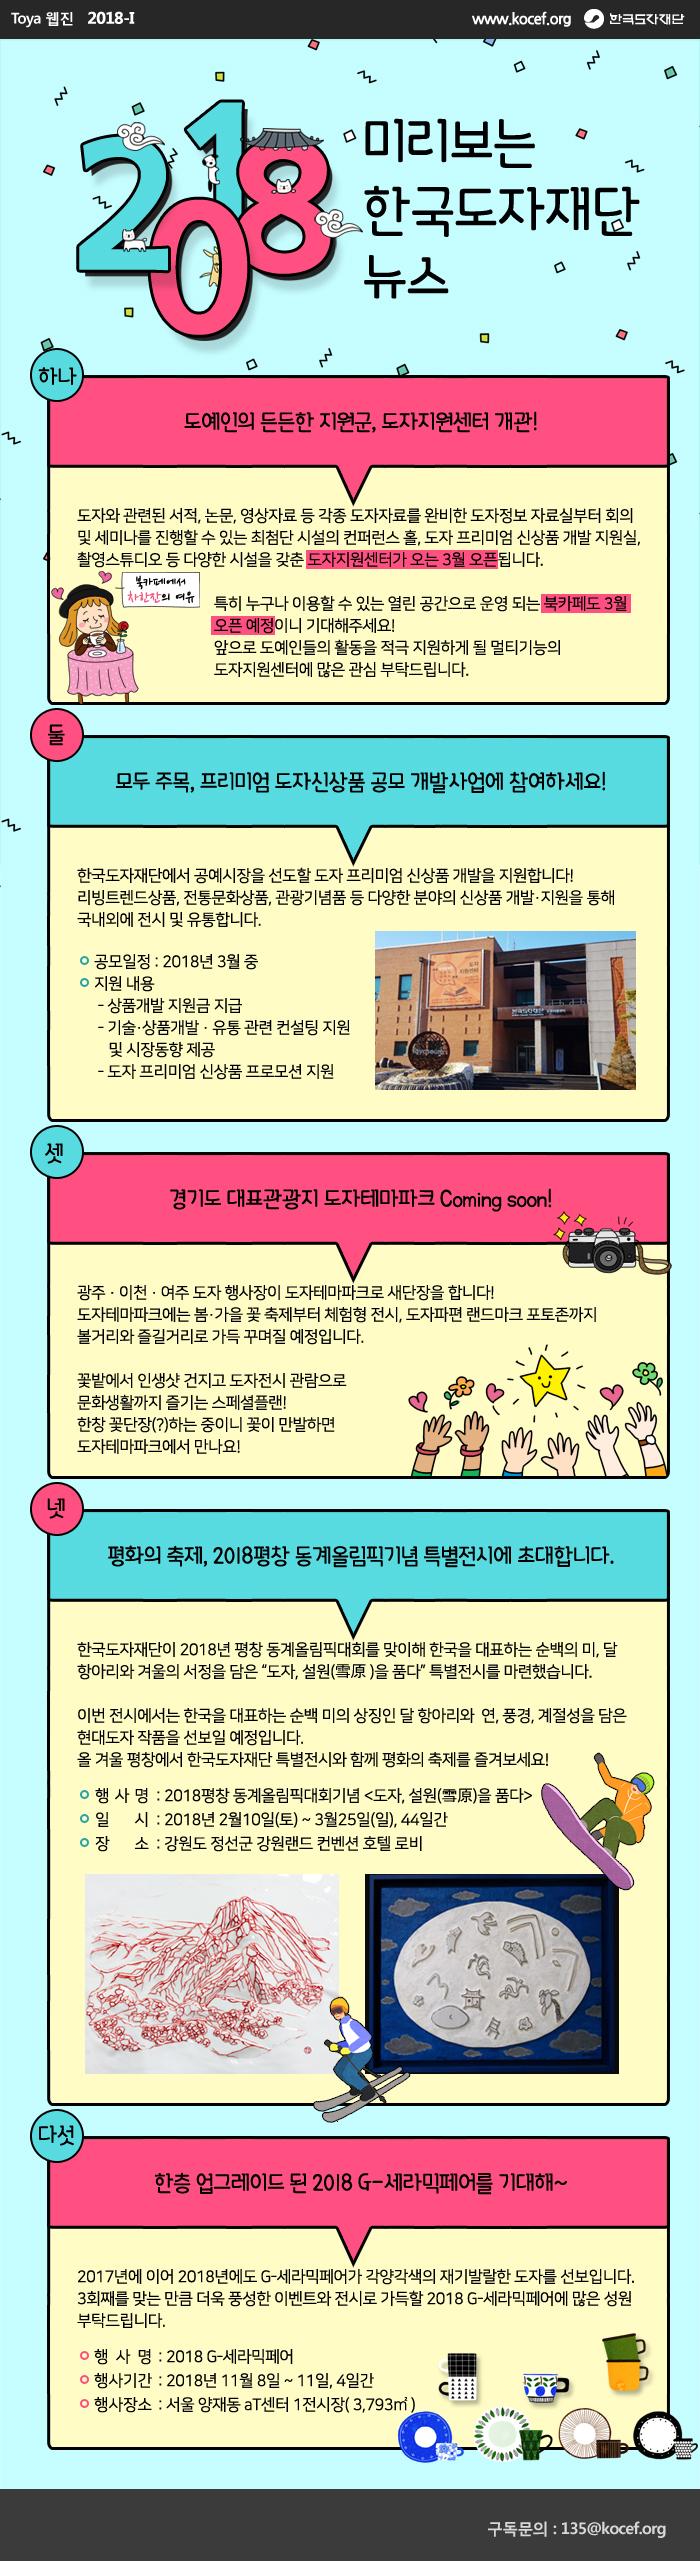 2018 미리보는 한국도자재단 뉴스